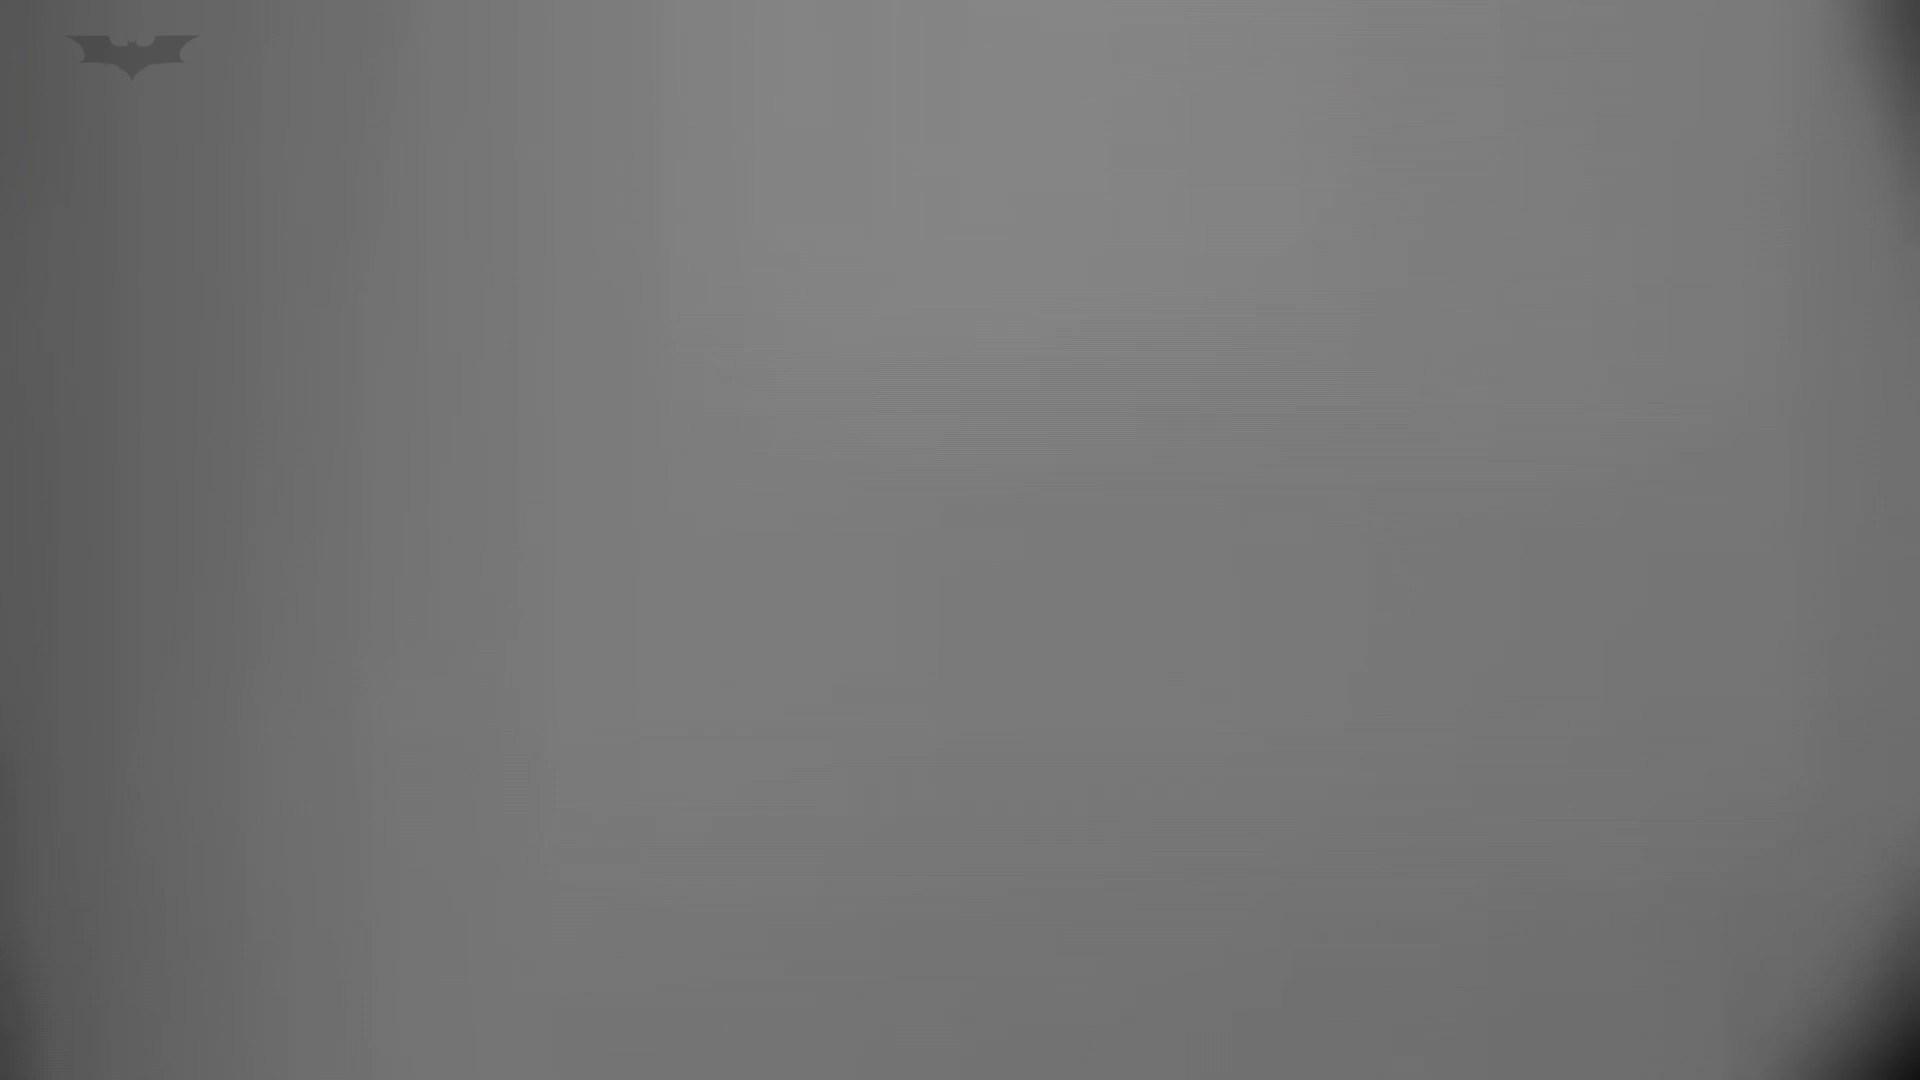 お銀 vol.79 化粧室では、高確率で素の女性がみられます!! タレント並みの美人 隠し撮りオマンコ動画紹介 108枚 17